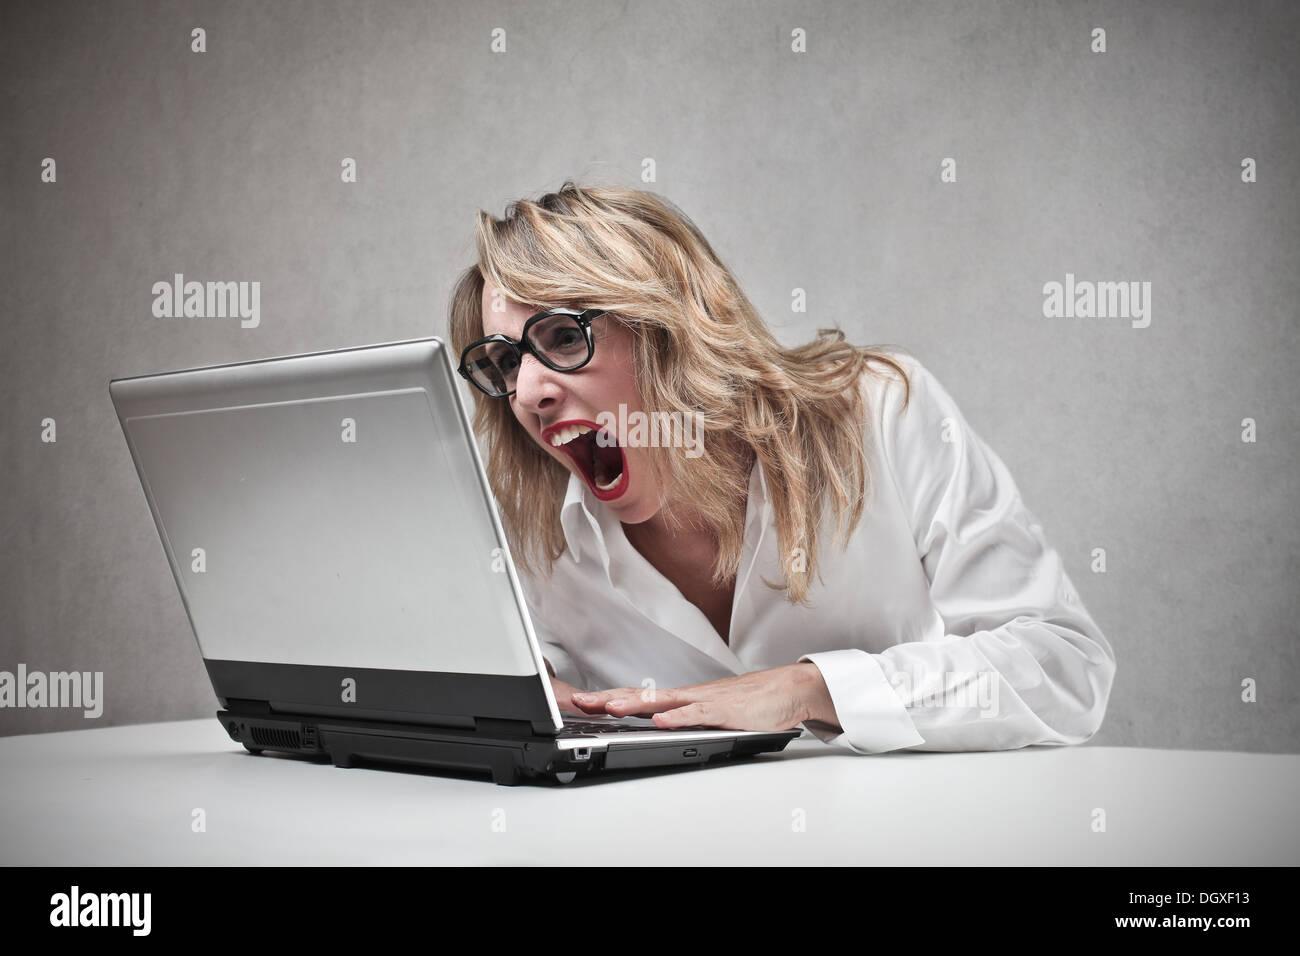 Arrabbiato donna bionda urlando contro un computer portatile Immagini Stock